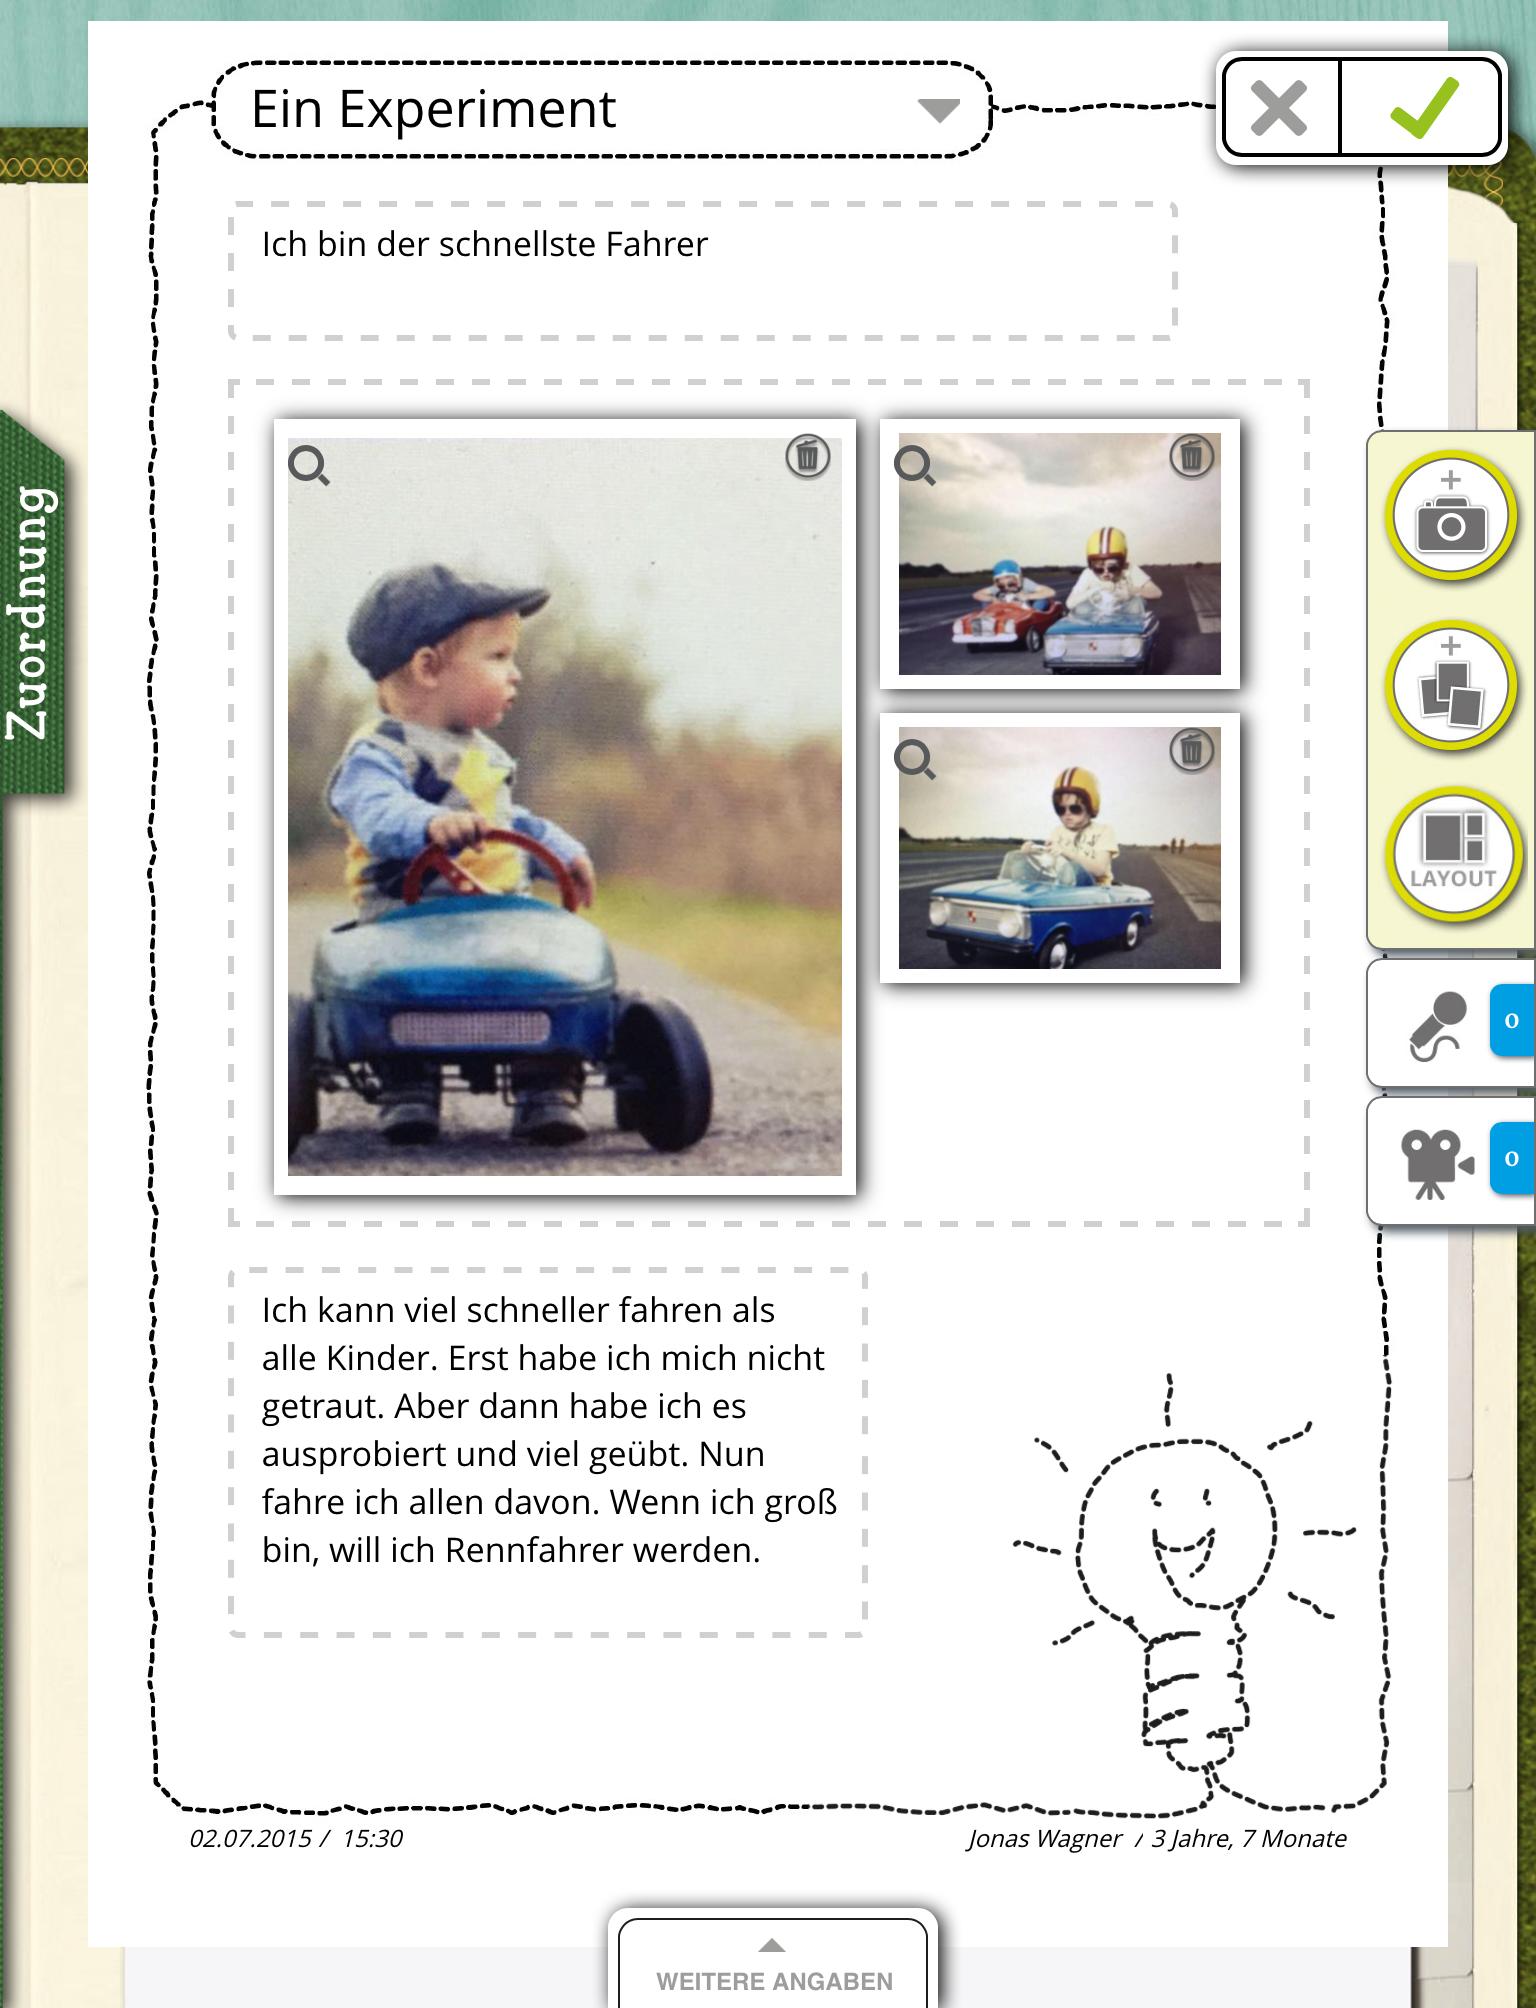 Der Schnellste Rennfahrer Sein Das Muss Gleich Mit Stepfolio Dokumentiert Werden Einfach Das Tab Portfolio Kindergarten Portfolioarbeit Entwicklung Kleinkind